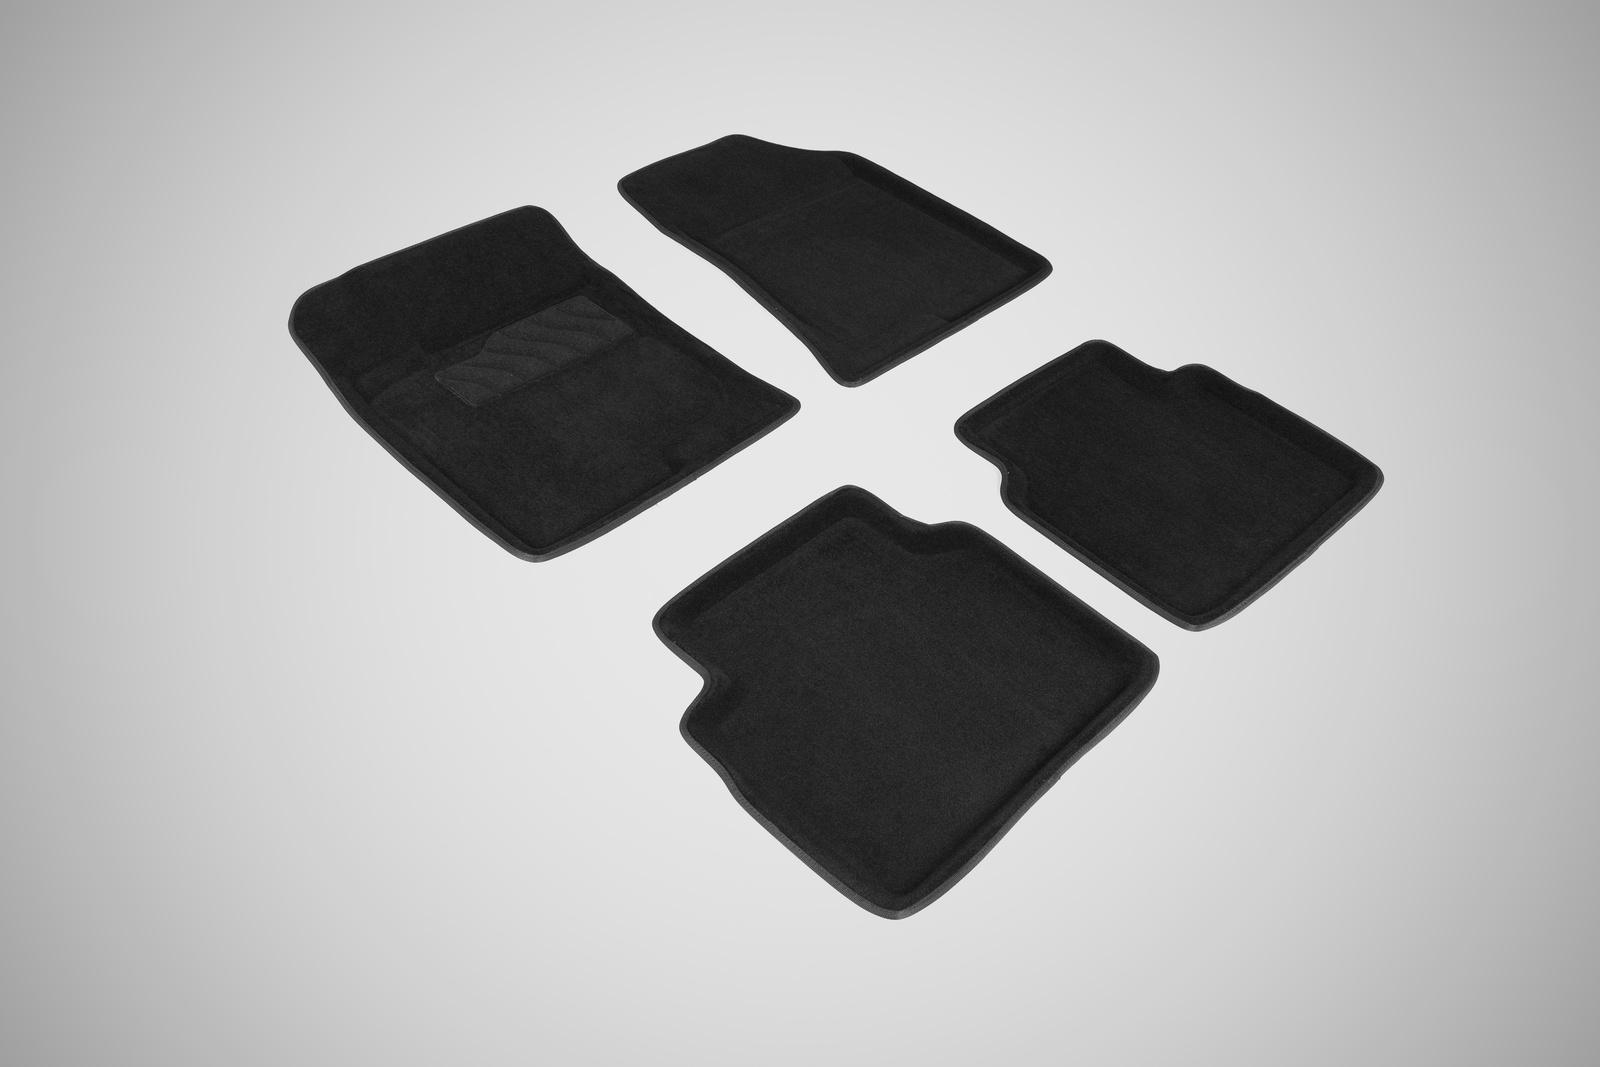 Коврики в салон автомобиля Seintex 3D коврики для Hyundai Sonata NF 2004-2010 недорго, оригинальная цена